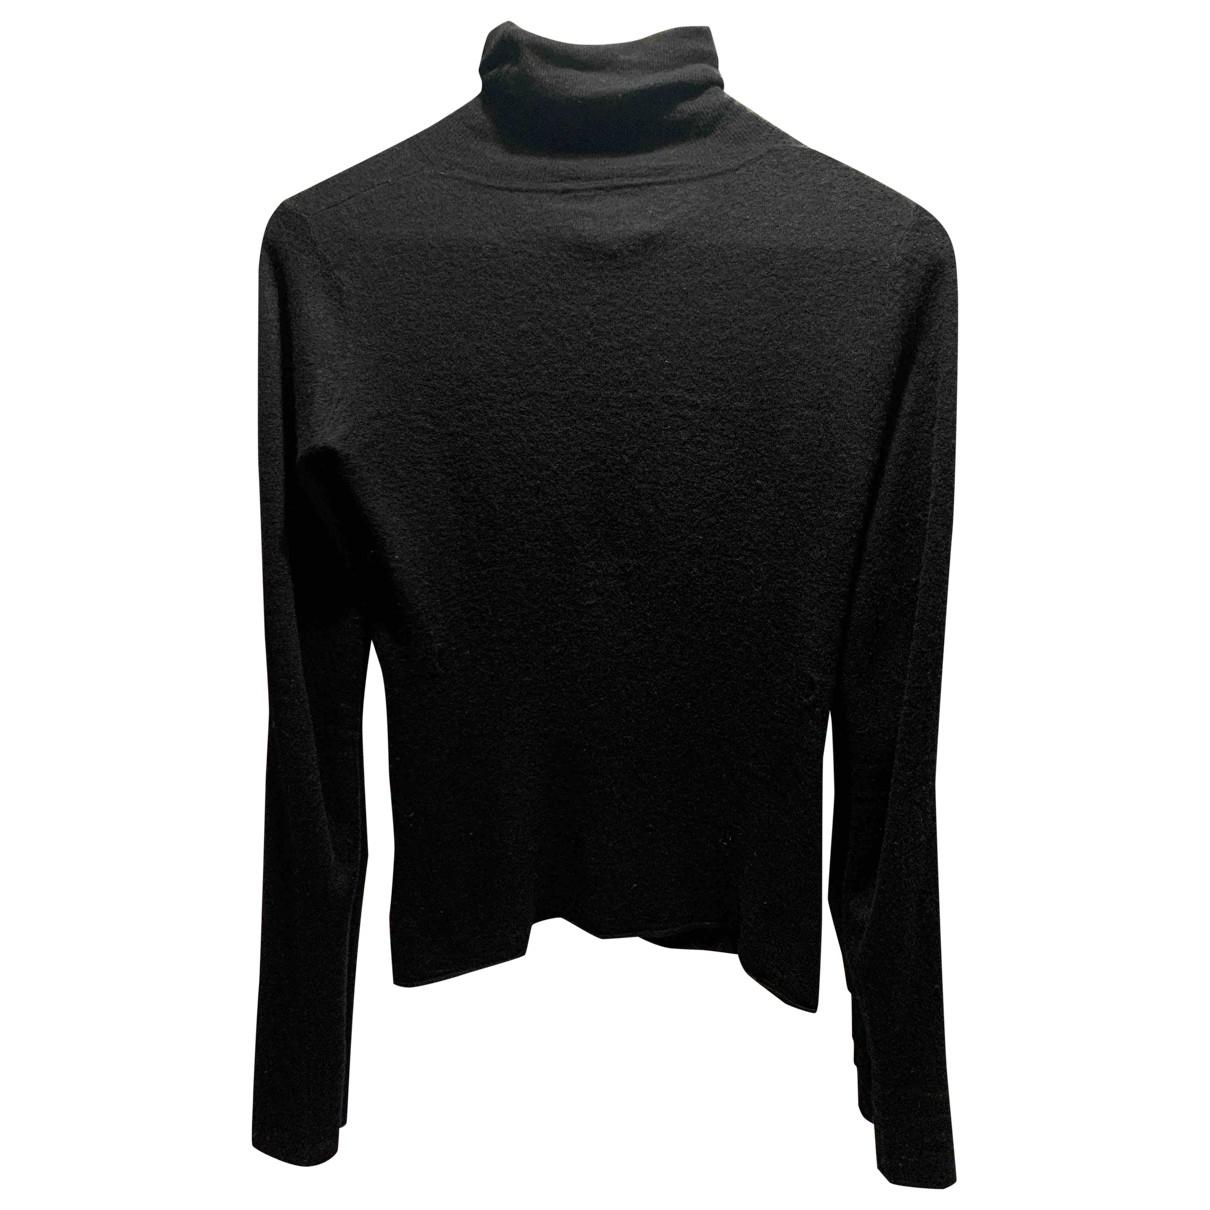 Hôtel Particulier \N Black Cashmere  top for Women 40 FR